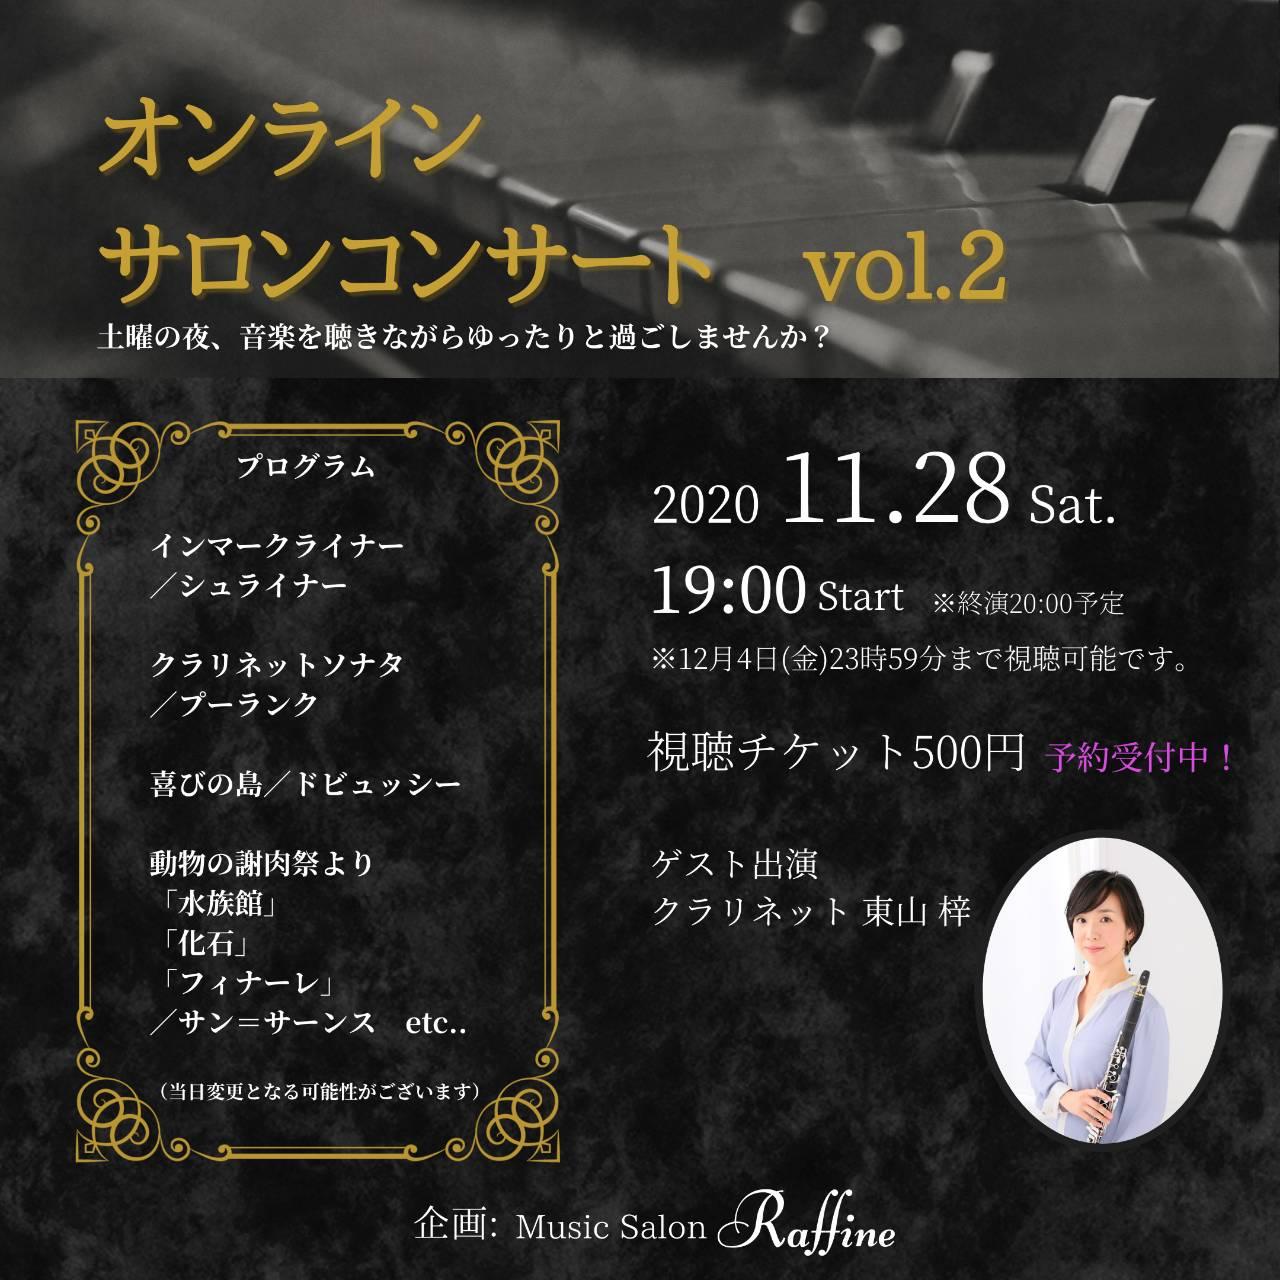 オンラインサロンコンサート vol.2